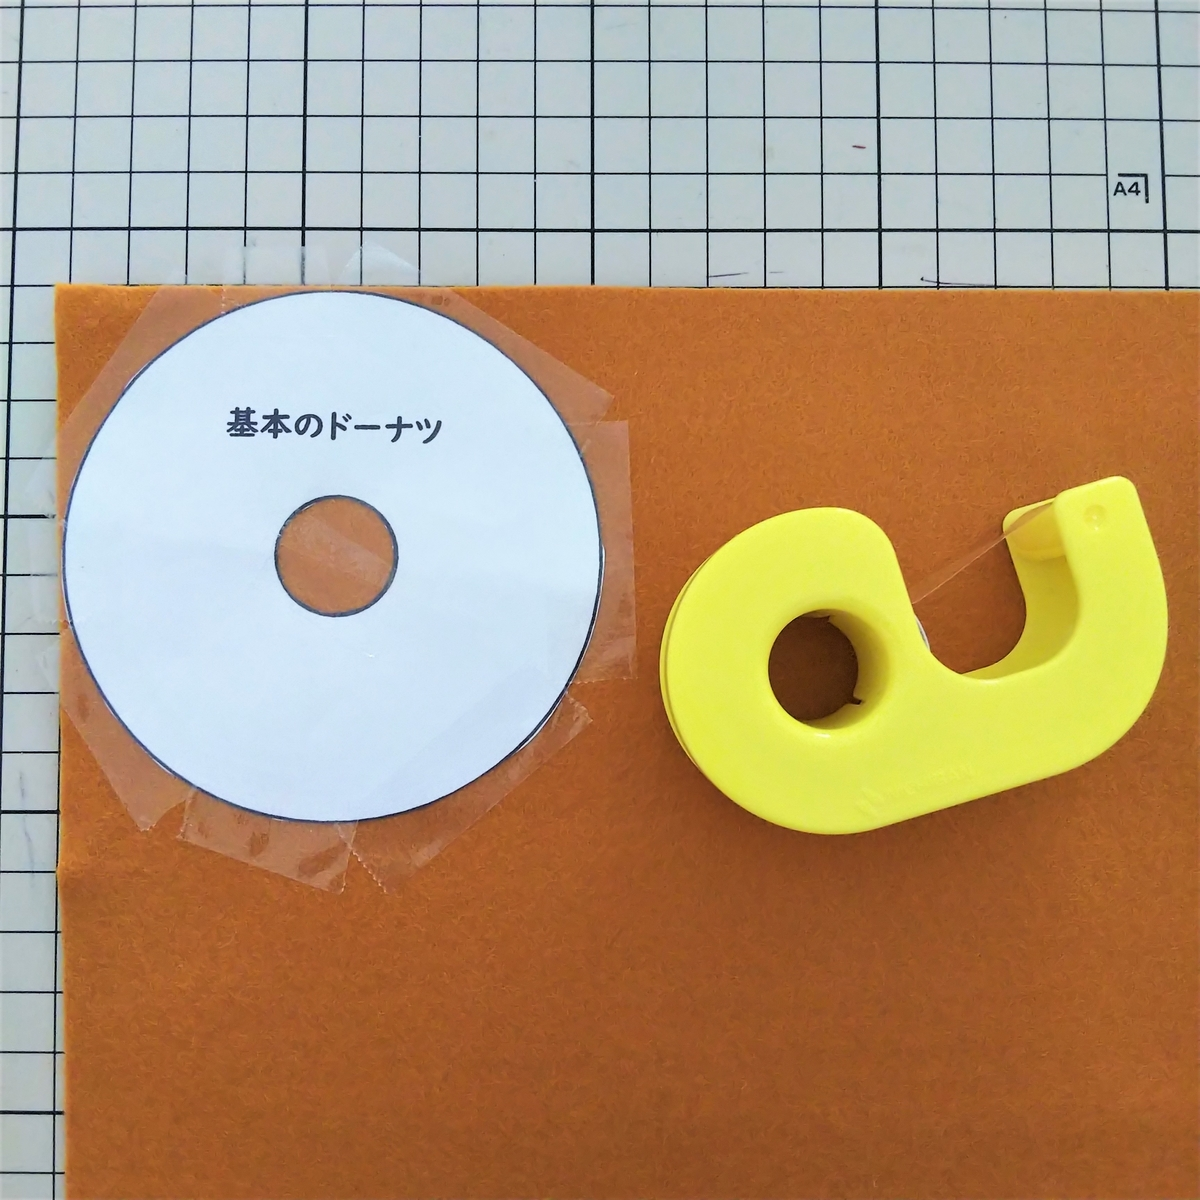 基本のドーナツの作り方② セロハンテープで貼り付ける